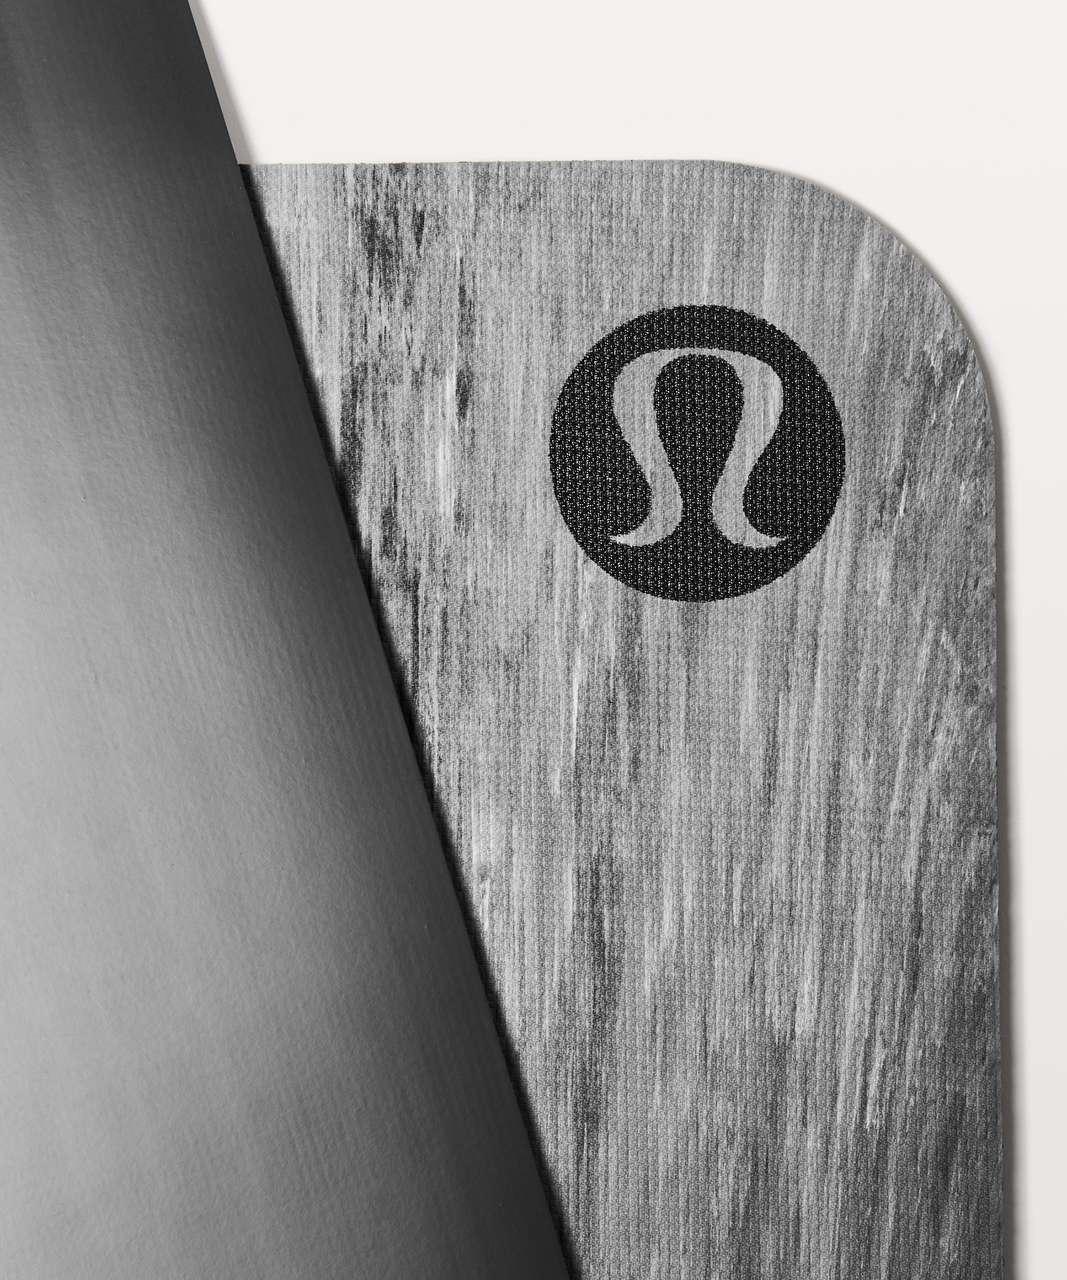 Lululemon The Reversible Mat 5mm - Black / White